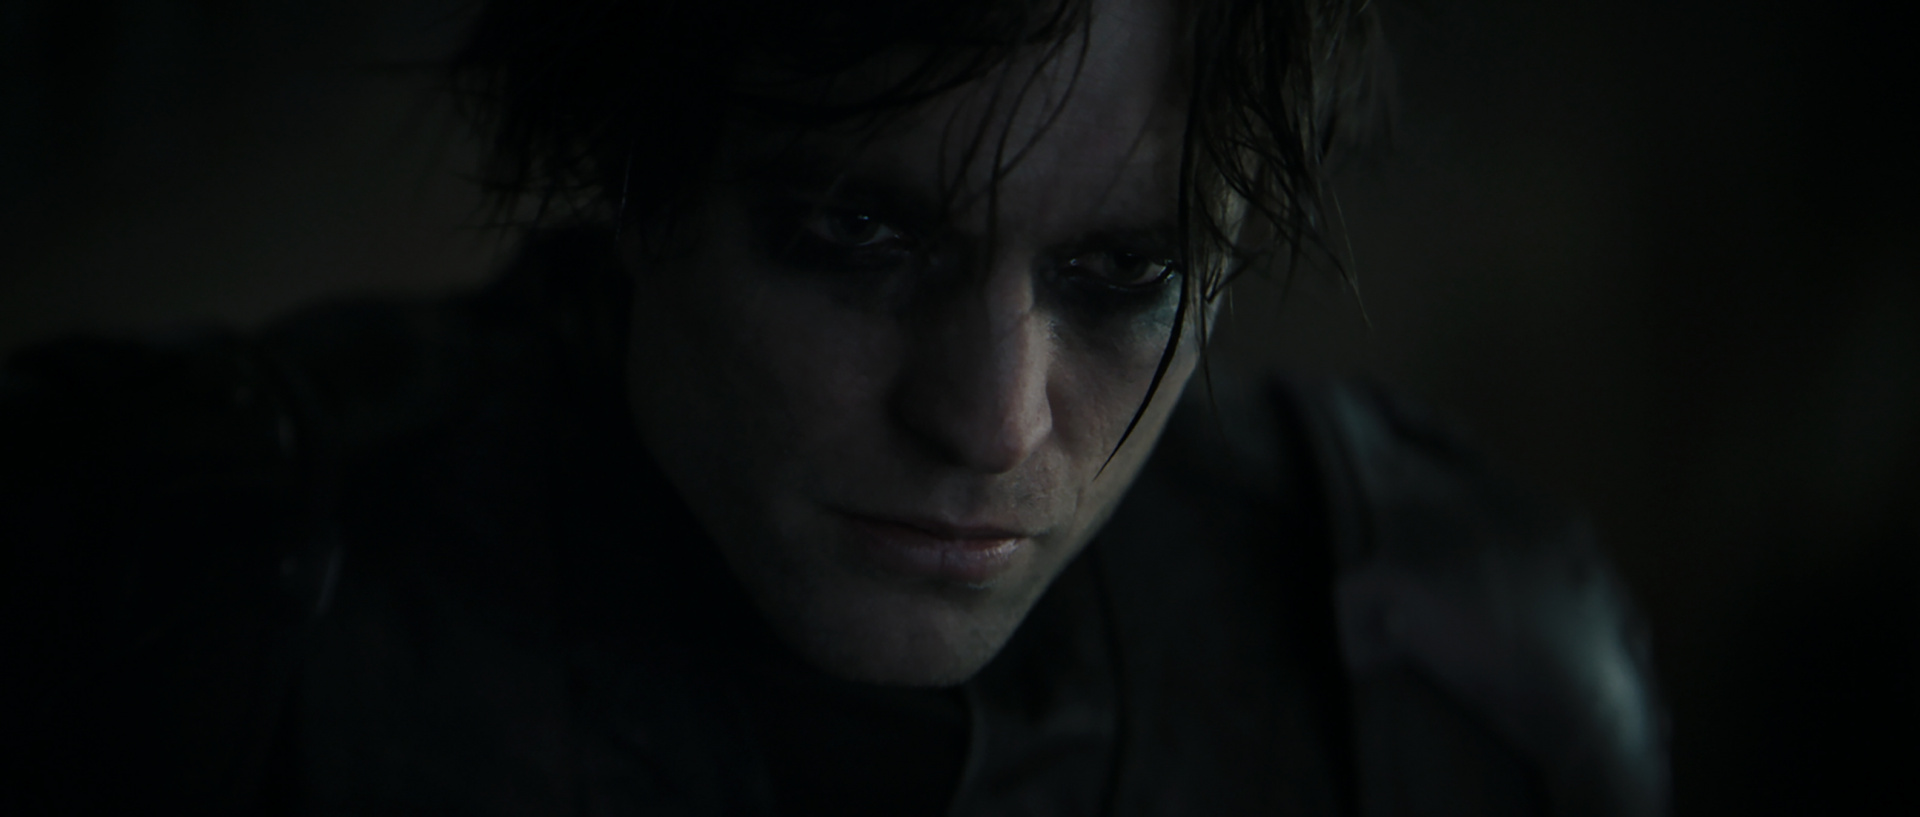 Представлен тизер и детали нового Бэтмена с Робертом Паттинсоном